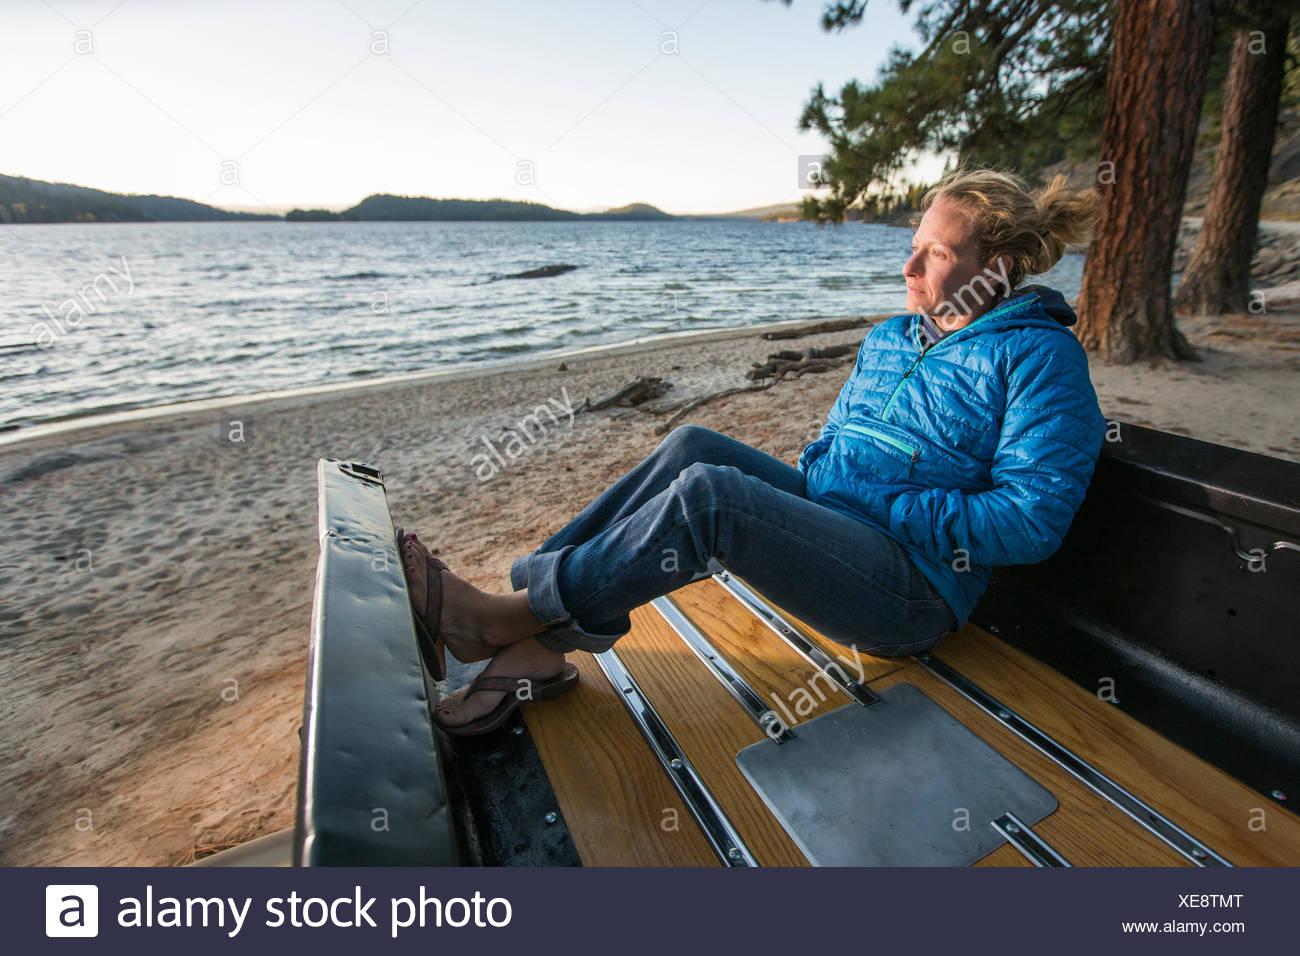 Mujer sentada en un renovado camión viendo el atardecer, Payette Lago, McCall, Idaho, EE.UU. Foto de stock